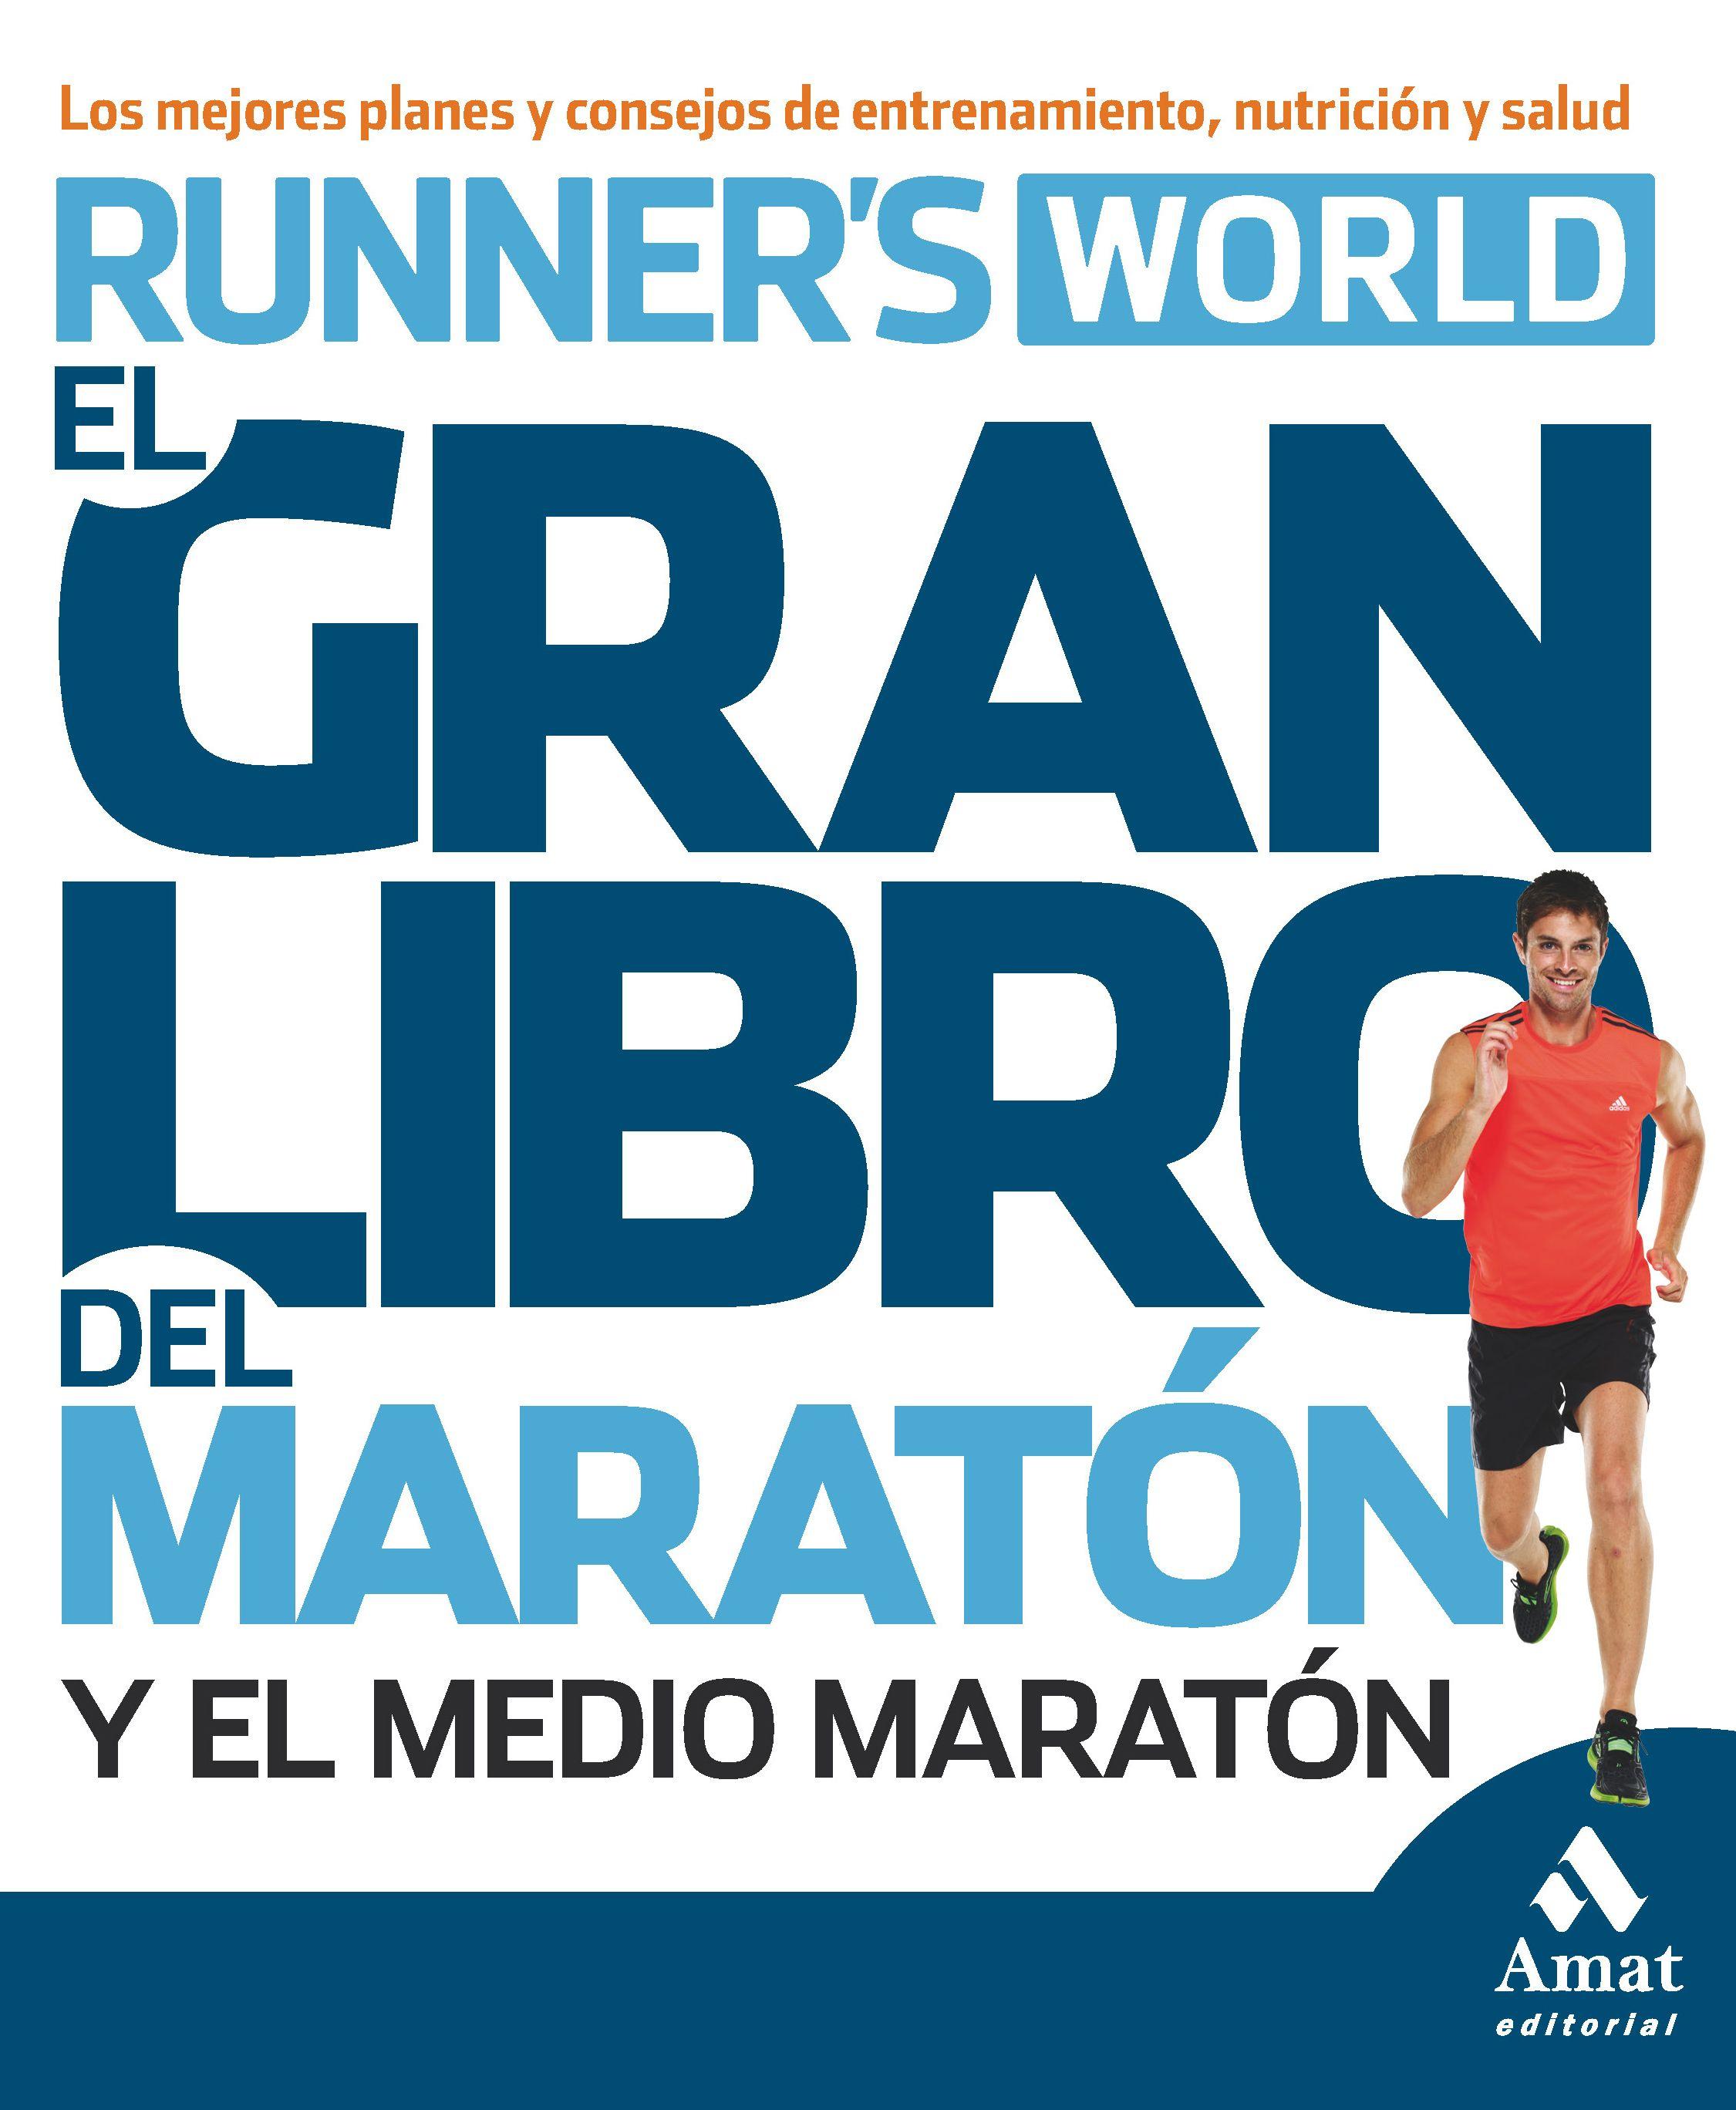 La guía más completa y extensa sobre entrenamiento para maratón y medio maratón http://www.profiteditorial.com/libros-para-vivir-mejor/el-gran-libro-del-marat%C3%B3n-y-el-medio-marat%C3%B3n http://rabel.jcyl.es/cgi-bin/abnetopac?SUBC=BPSO&ACC=DOSEARCH&xsqf99=1837702+